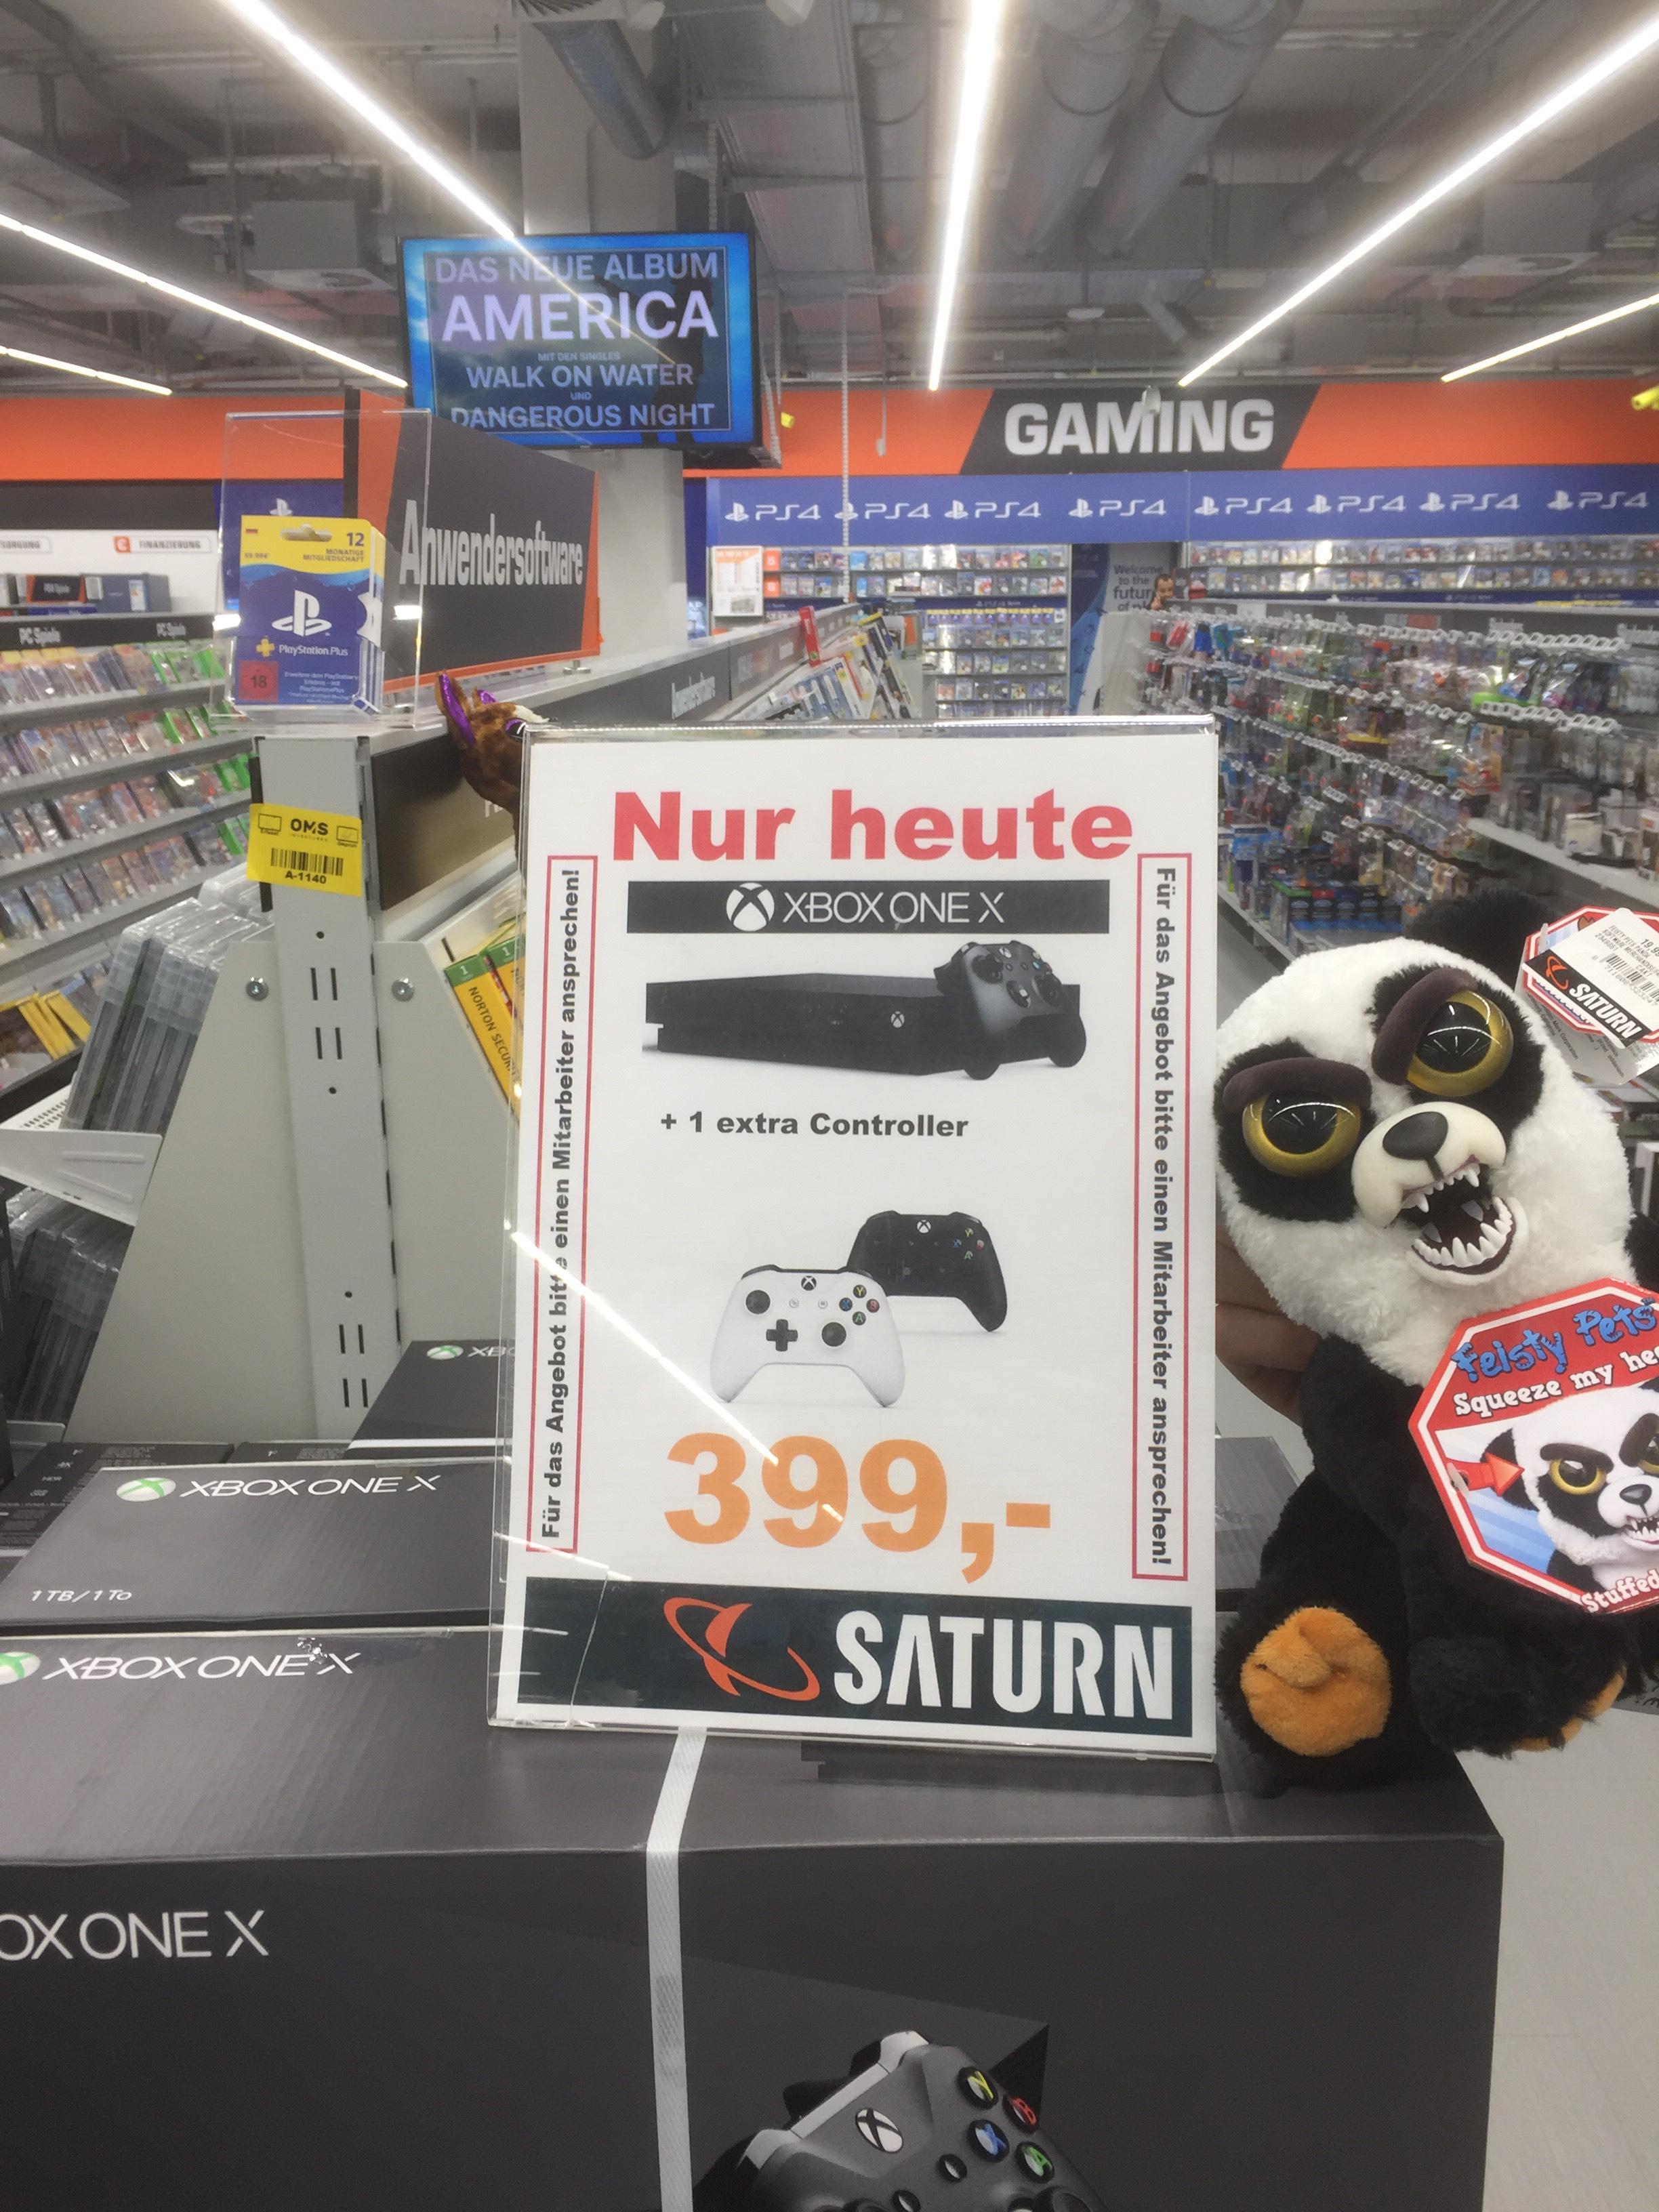 XBox ONE X Tagesdeal im Saturn Braunschweig.